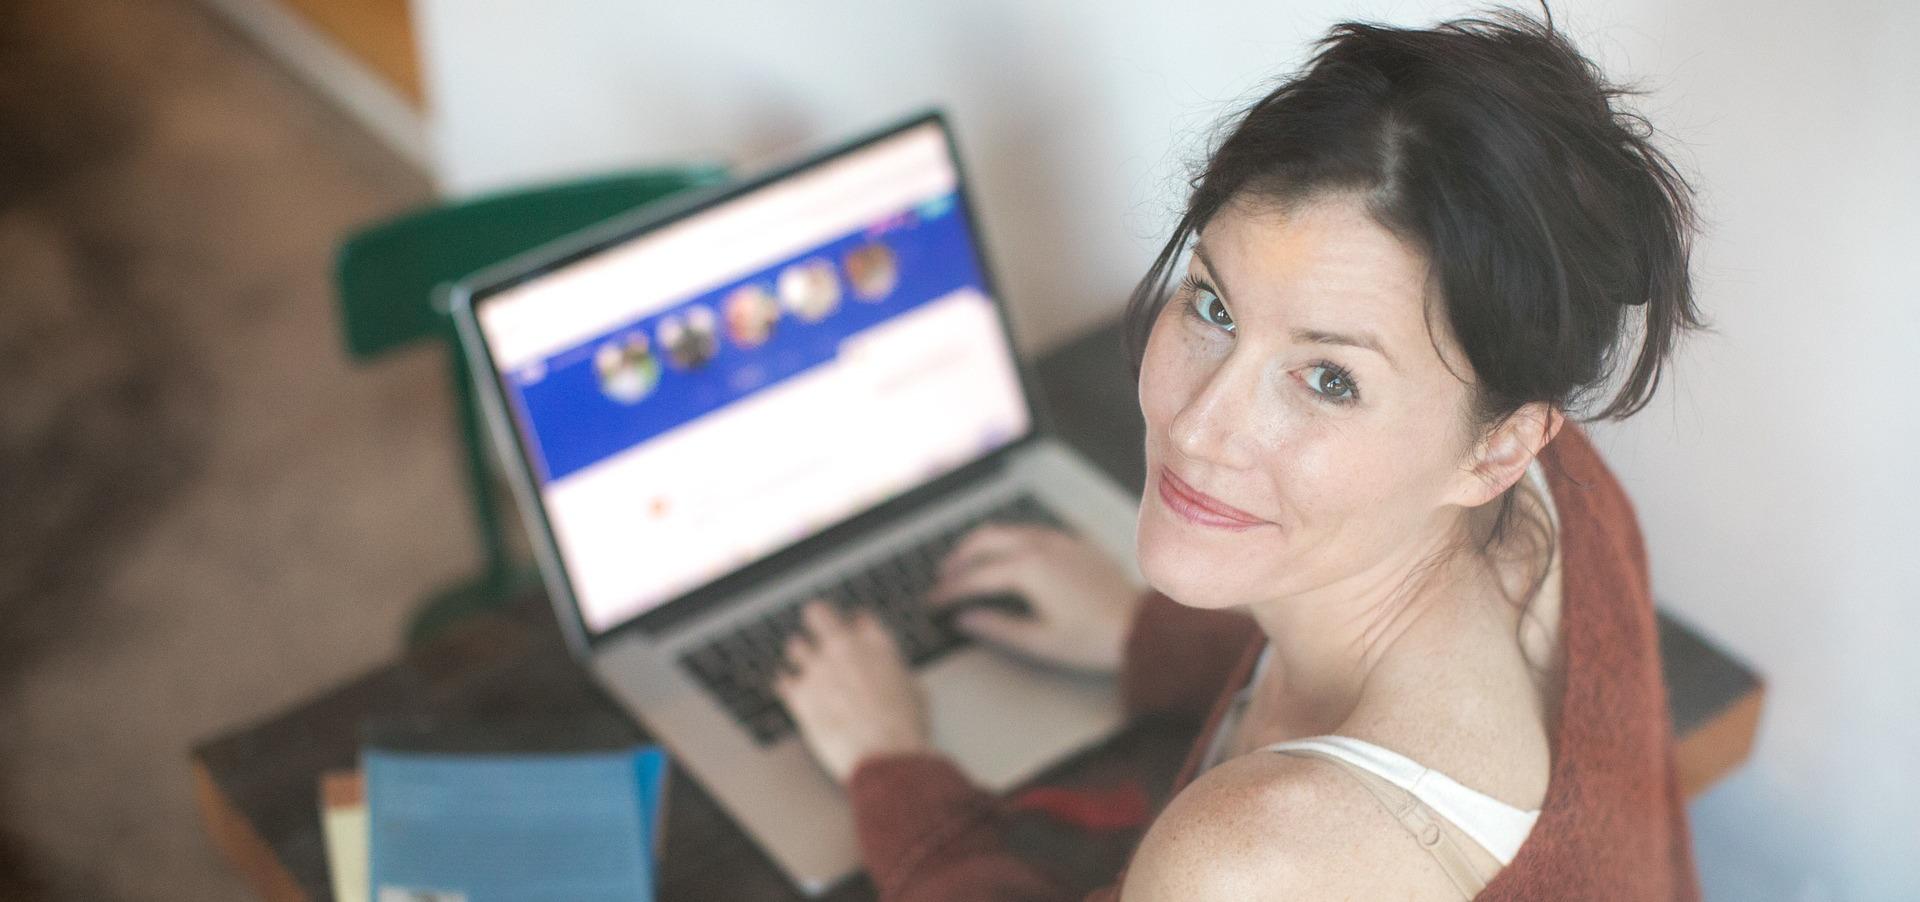 dating sites te vermijden profiltext online dating